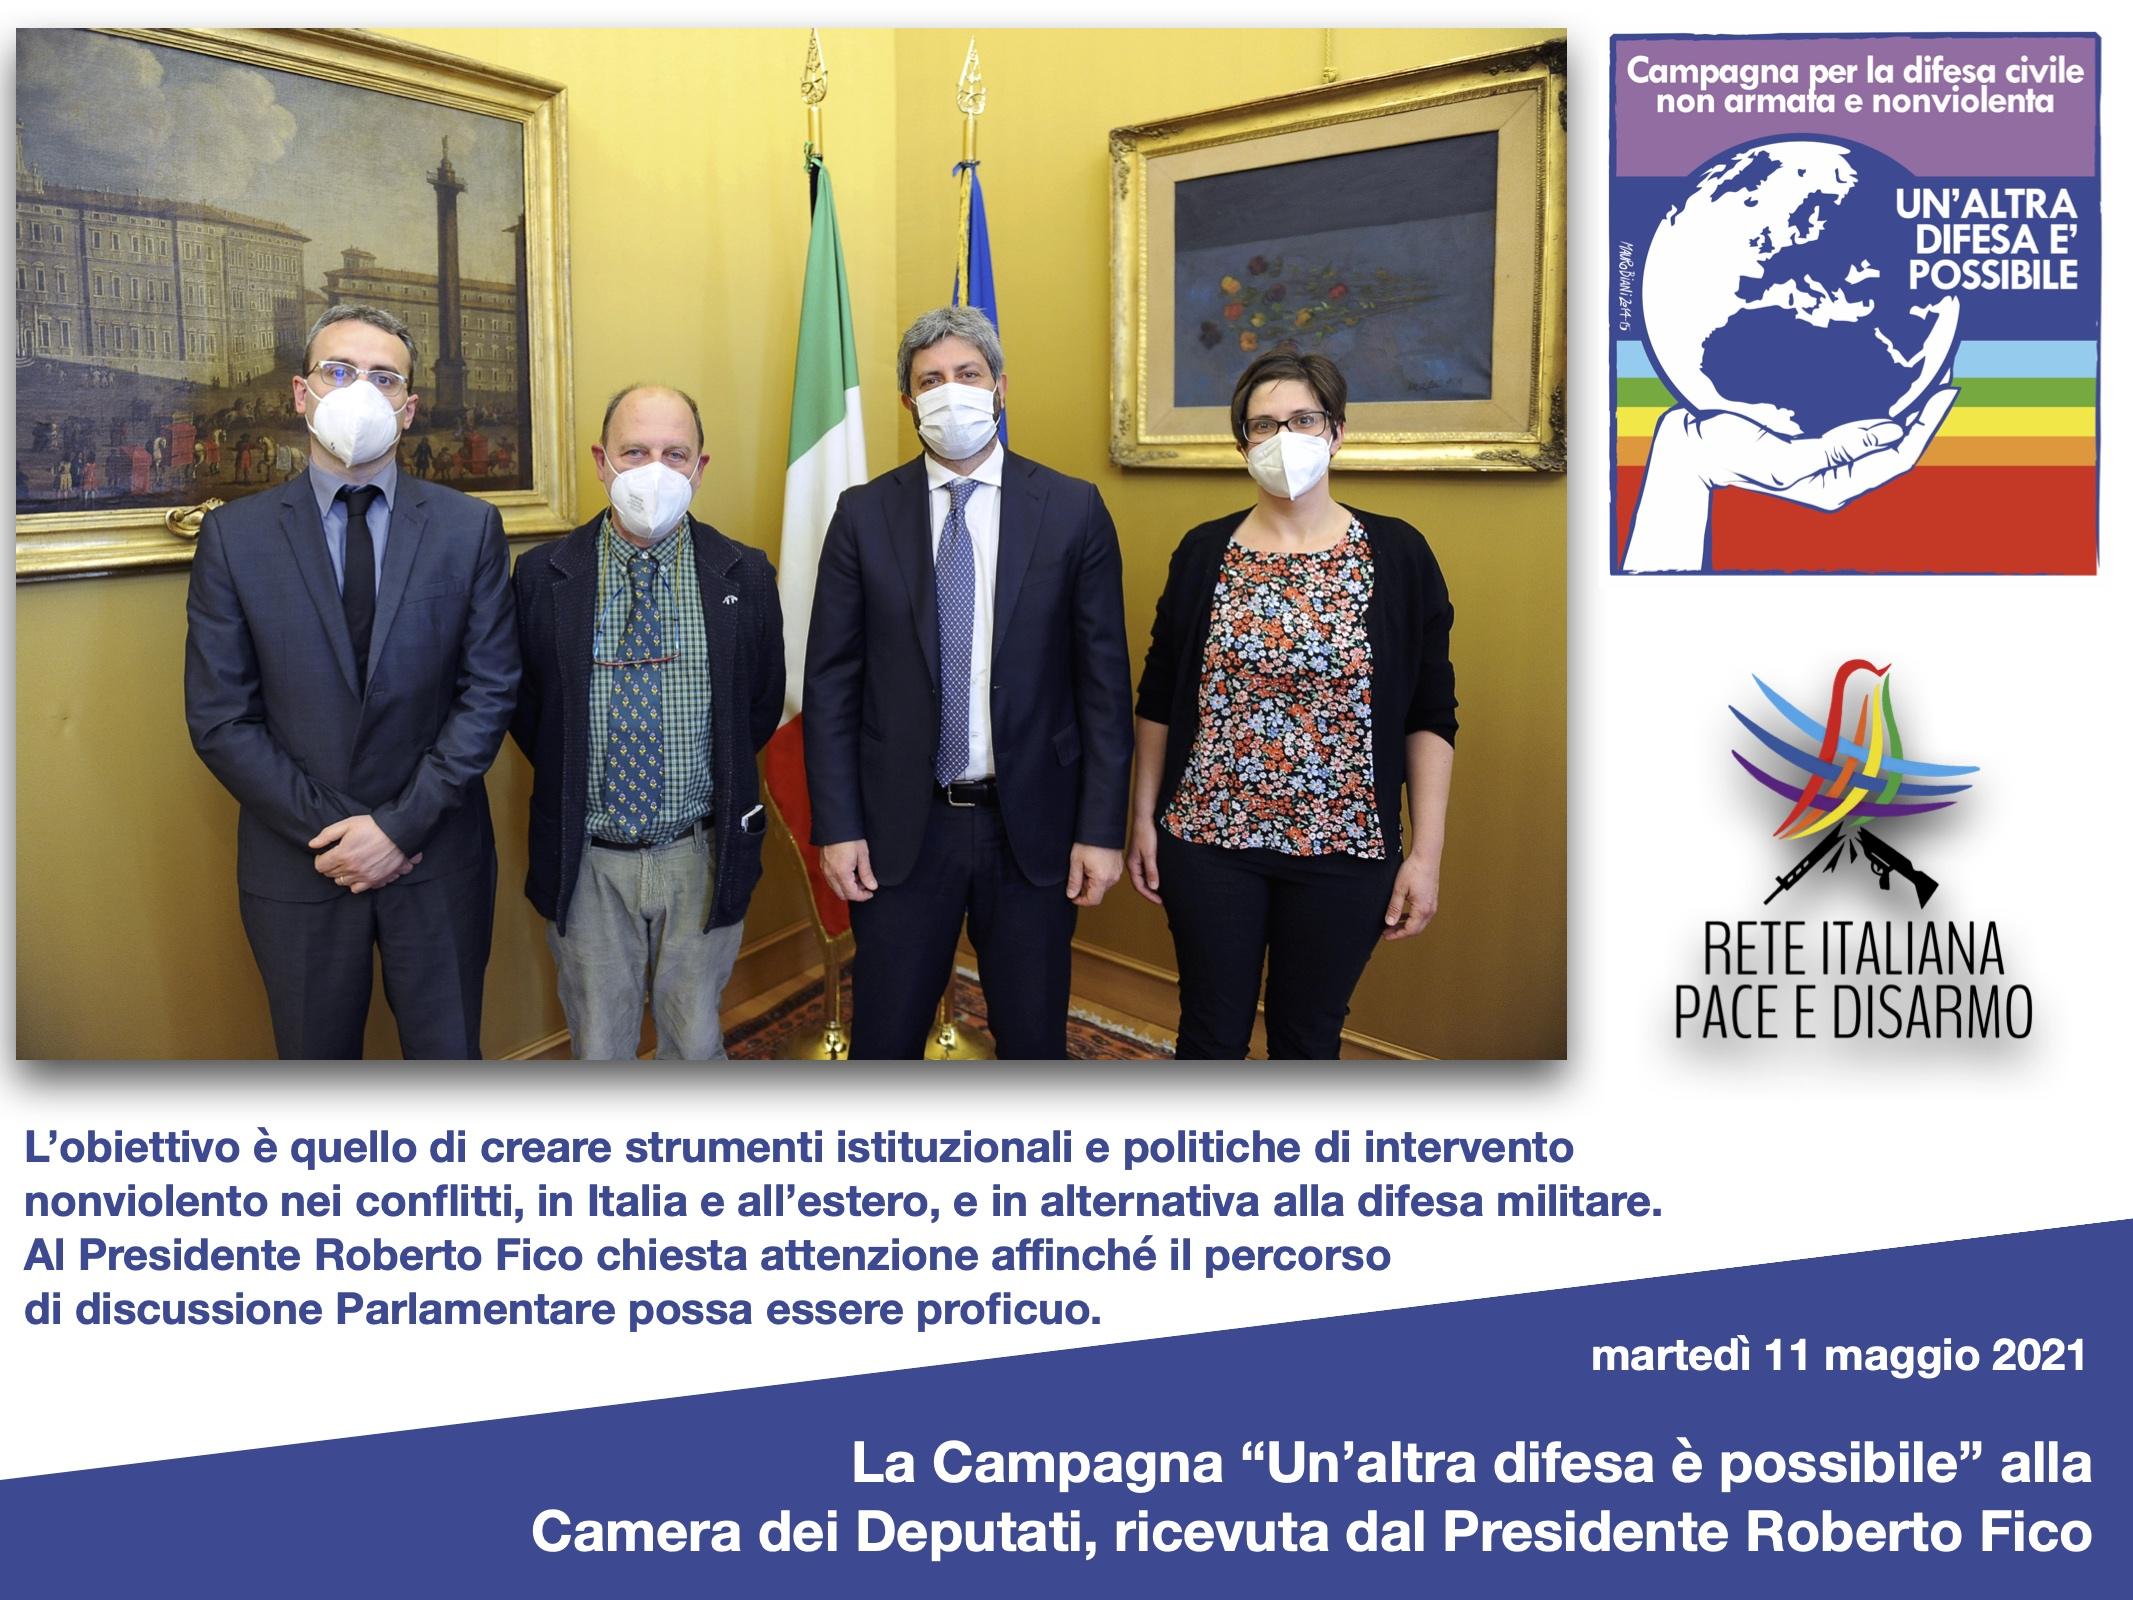 """La Campagna """"Un'altra difesa è possibile"""" alla Camera dei Deputati, ricevuta dal Presidente Roberto Fico"""